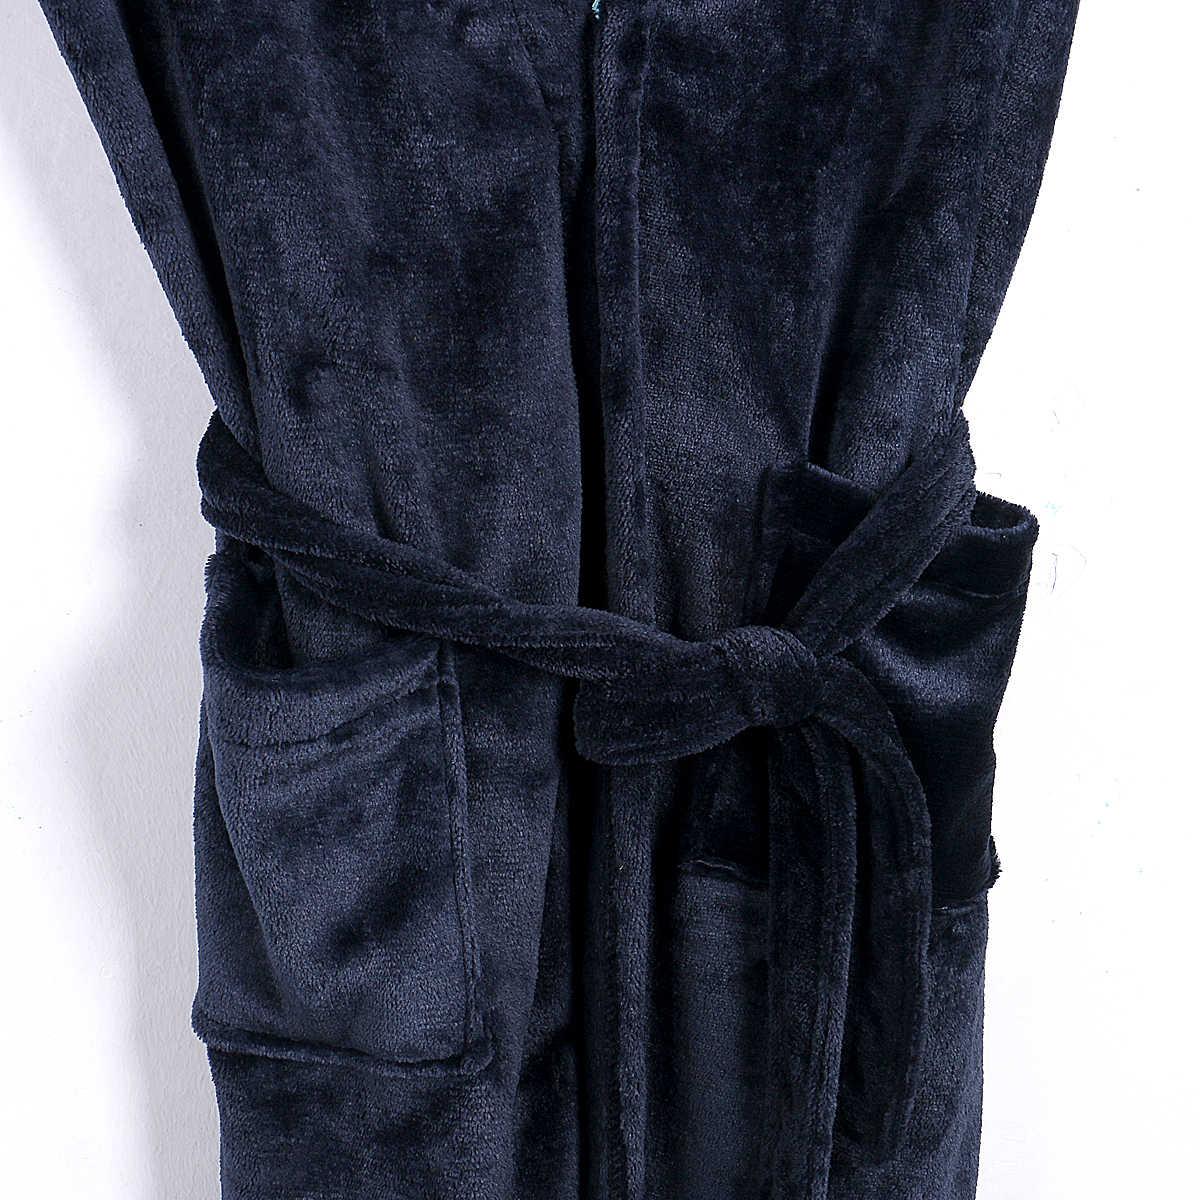 HIRIGIN degli uomini di Inverno Caldo Vestaglie Spessore Allungato Scialle Peluche Accappatoio Kimono Vestiti A Casa A Maniche Lunghe Robe Coat vestaglia homme